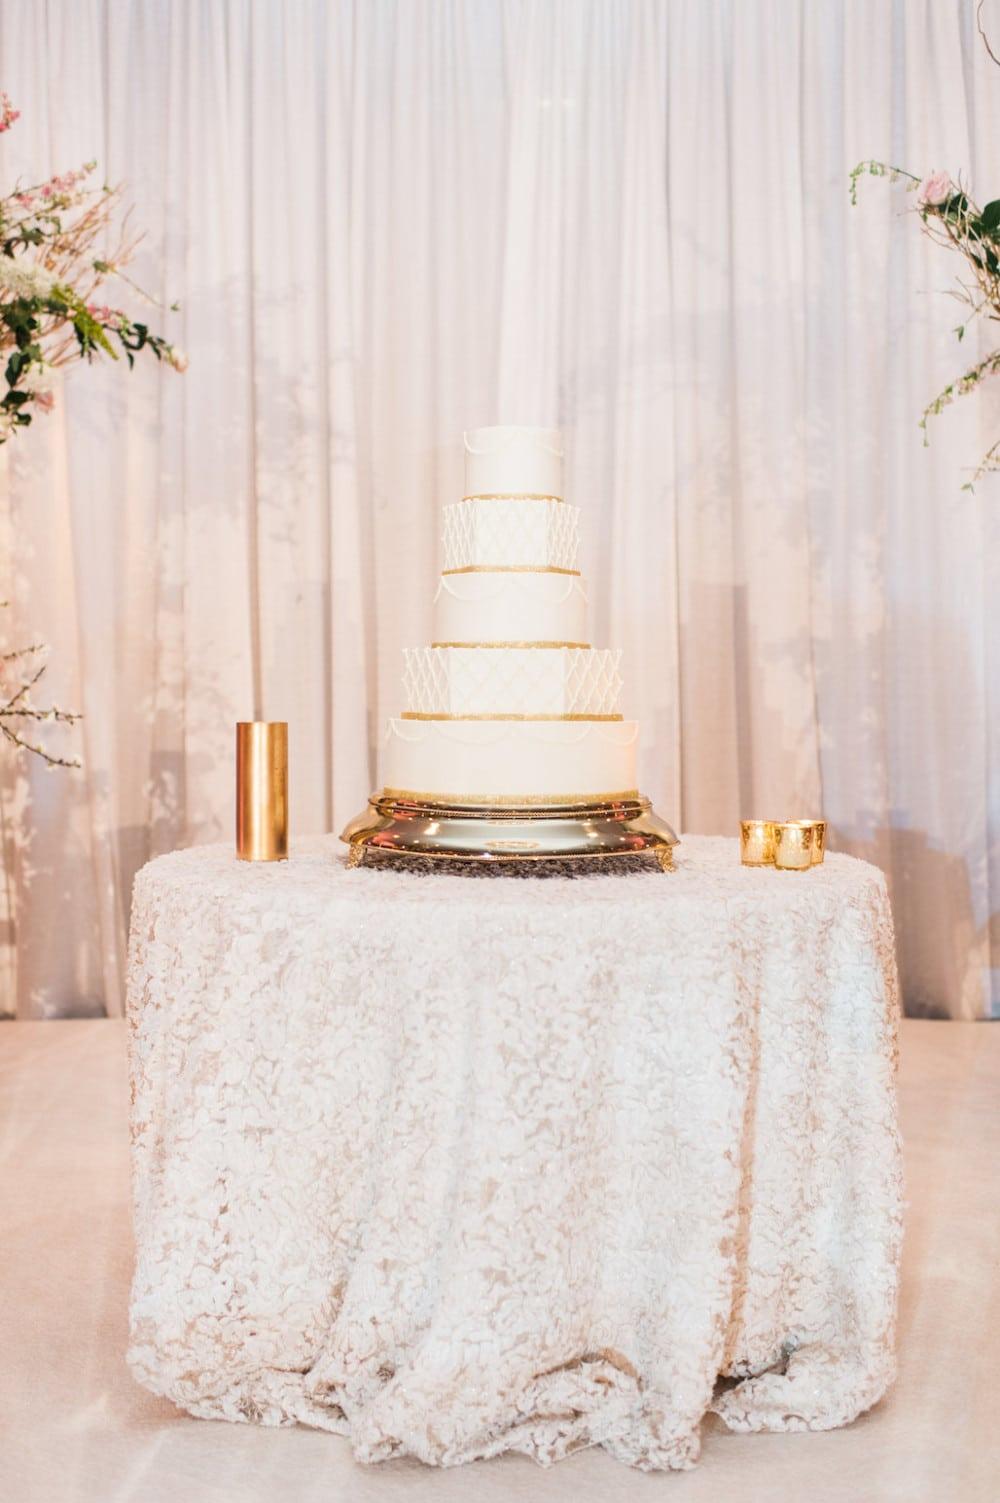 Wedding Table Linens.Cake Table Linens Decor To Adore